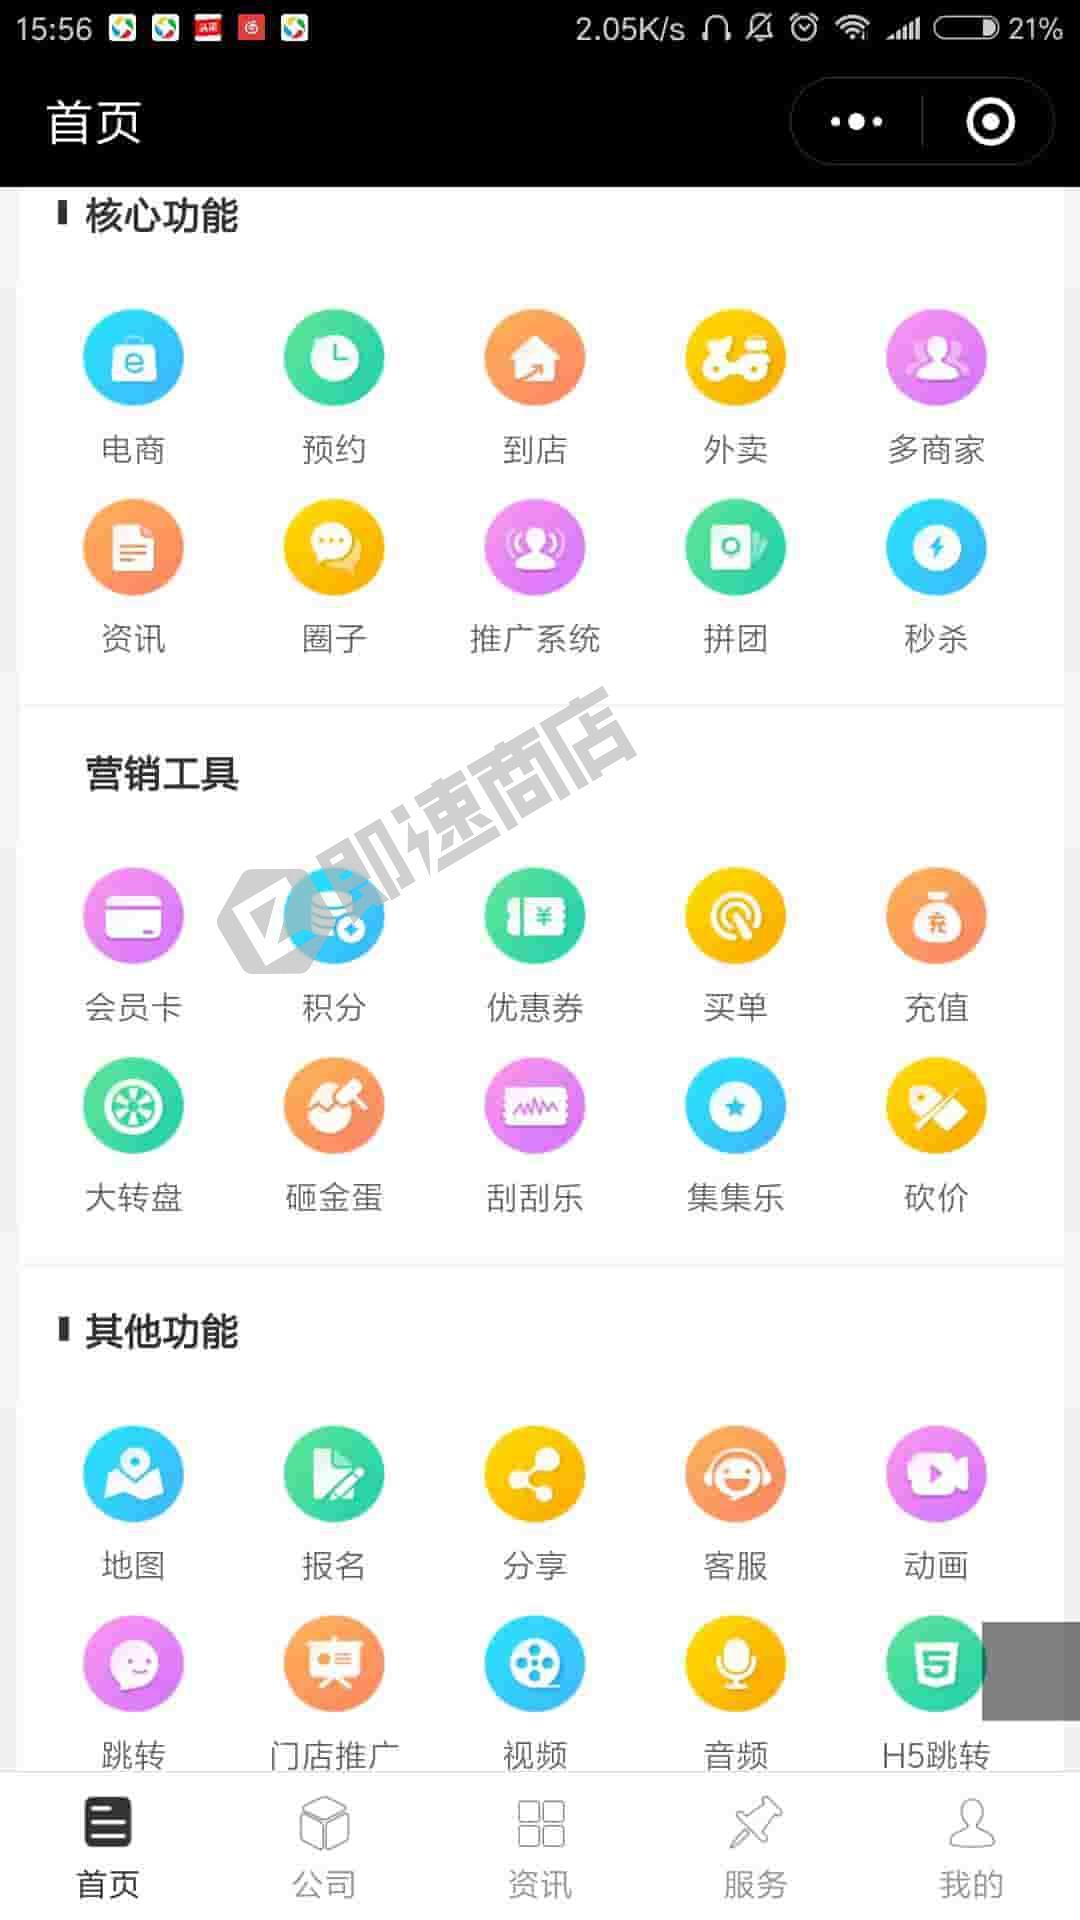 粤港8号餐厅小程序列表页截图